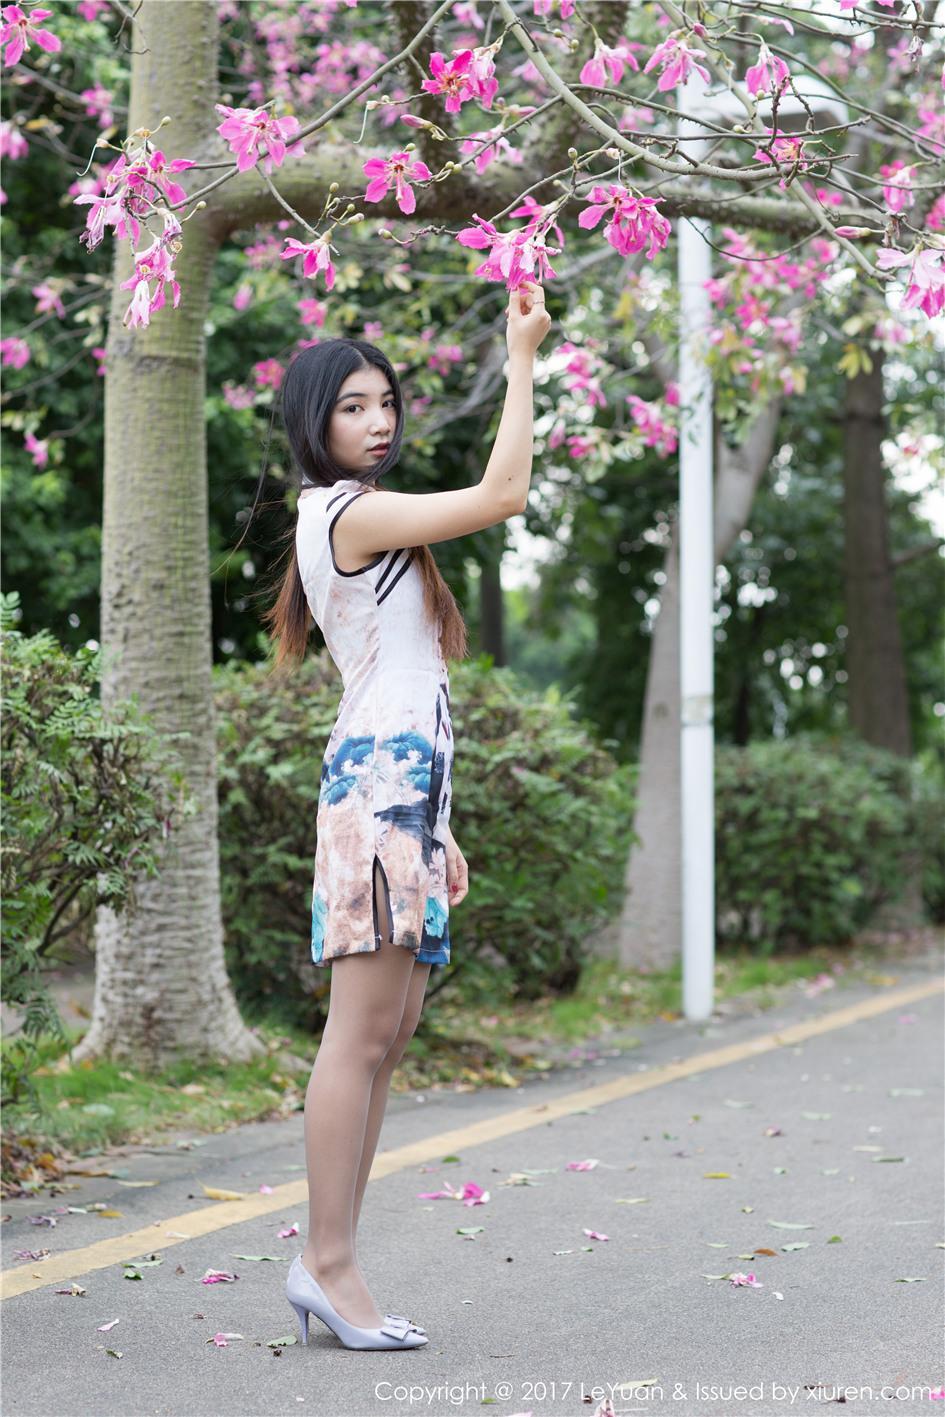 【星乐园】【Winki絲女郎】 丝袜美腿车模Winki絲女郎外景摄影套图 VOL.039【21P】 X丝玉足